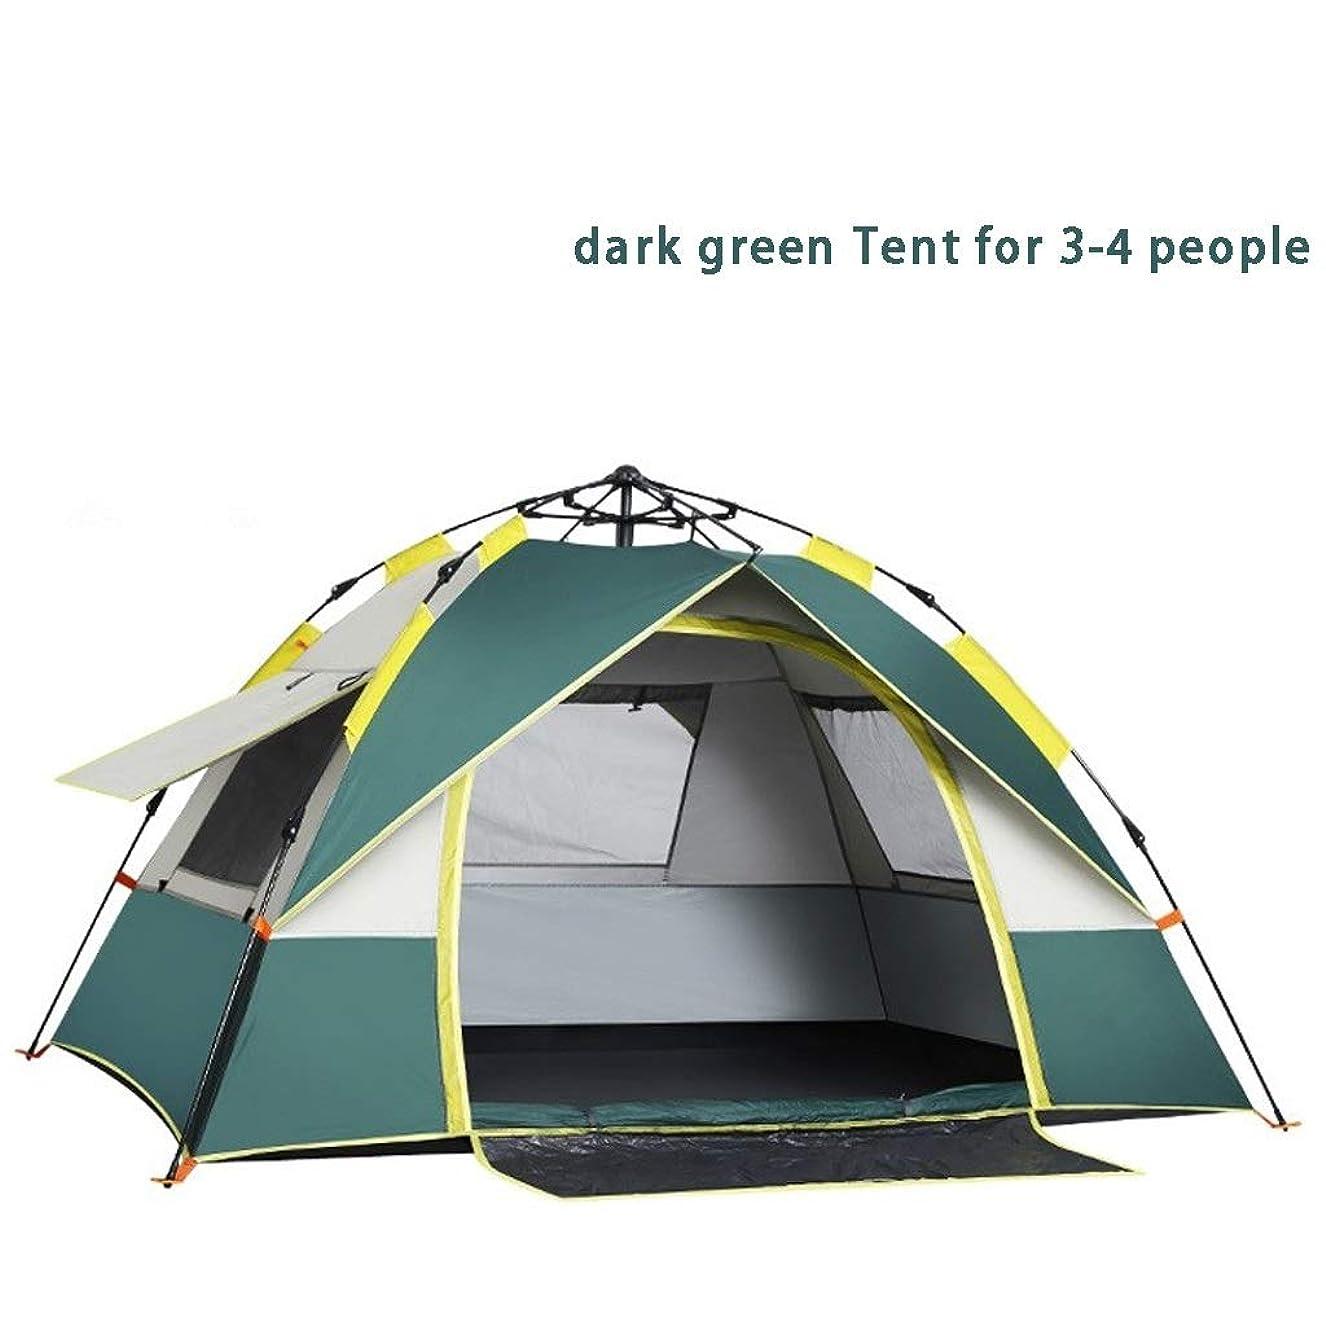 木黒人阻害するドームのテント、3から4人の自動開始の層のテント、屋外のハイキングのキャンプのためのポーチが付いている防水キャンプテントのためのテントを現れて下さい